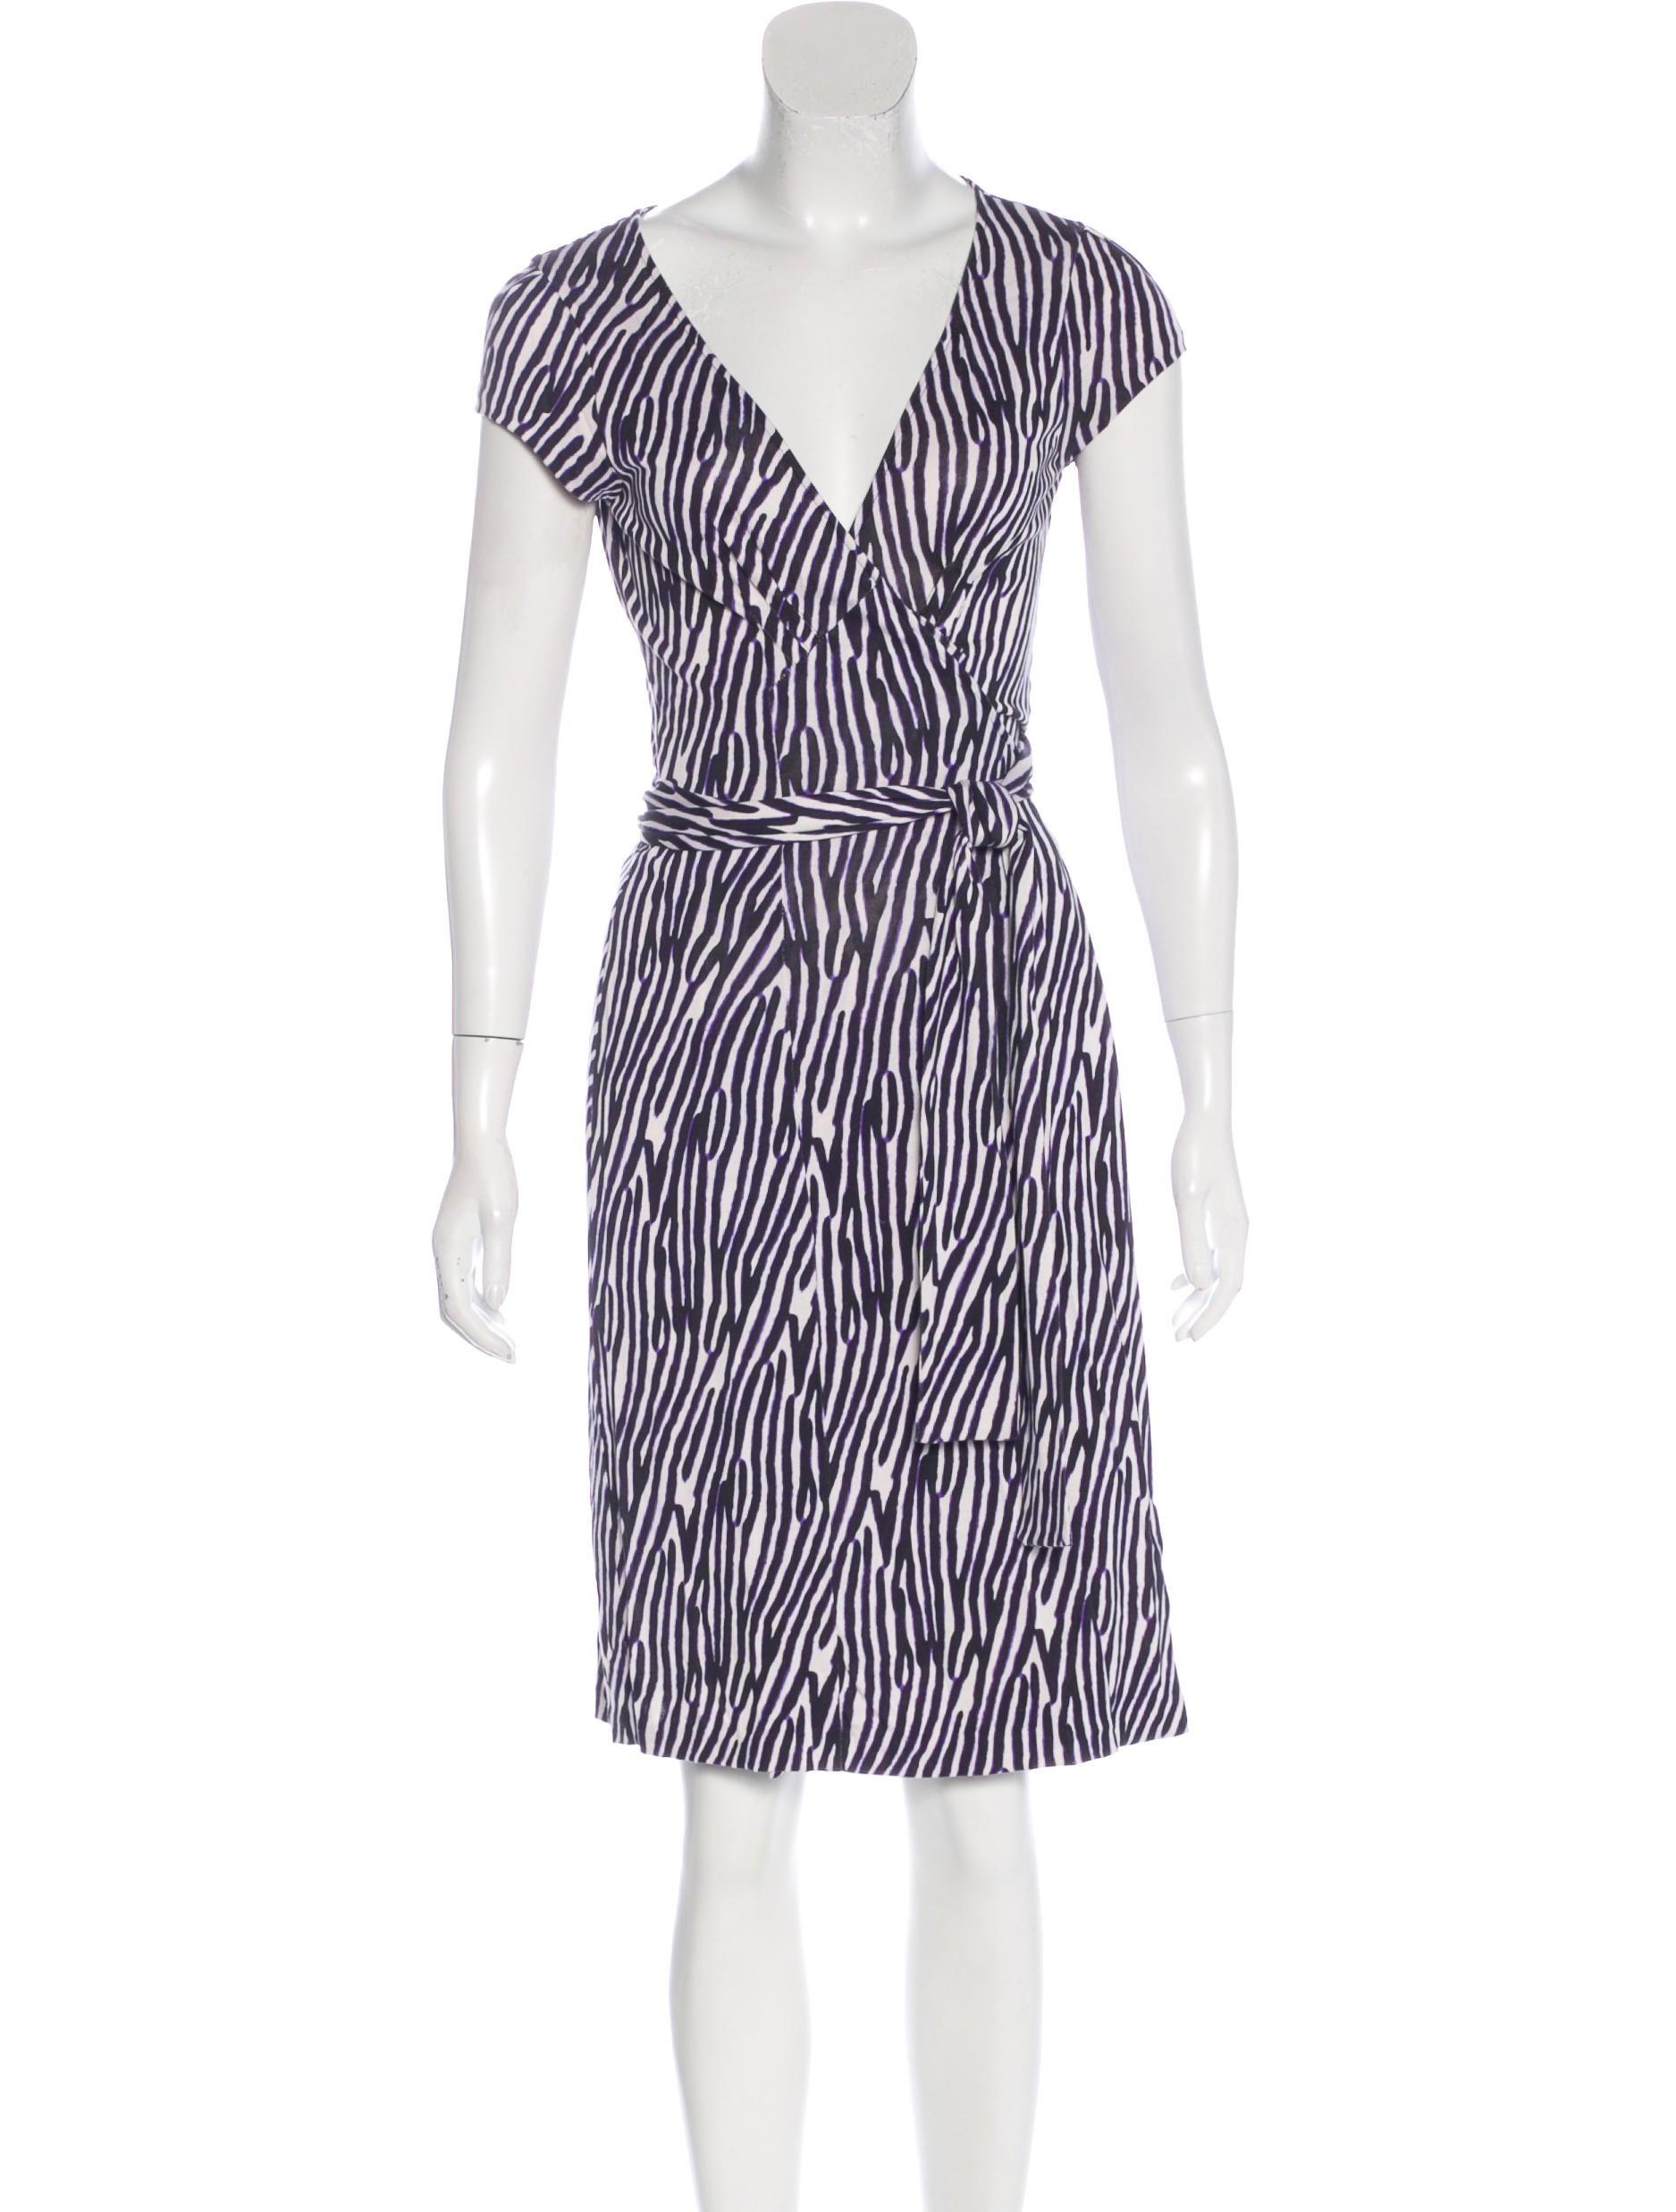 Diane von furstenberg kye silk dress clothing wdi98569 for Diane von furstenberg shirt